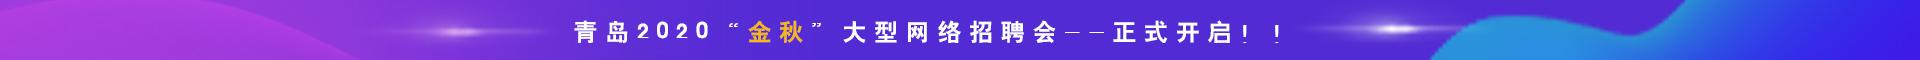 青岛2020金秋网络招聘会